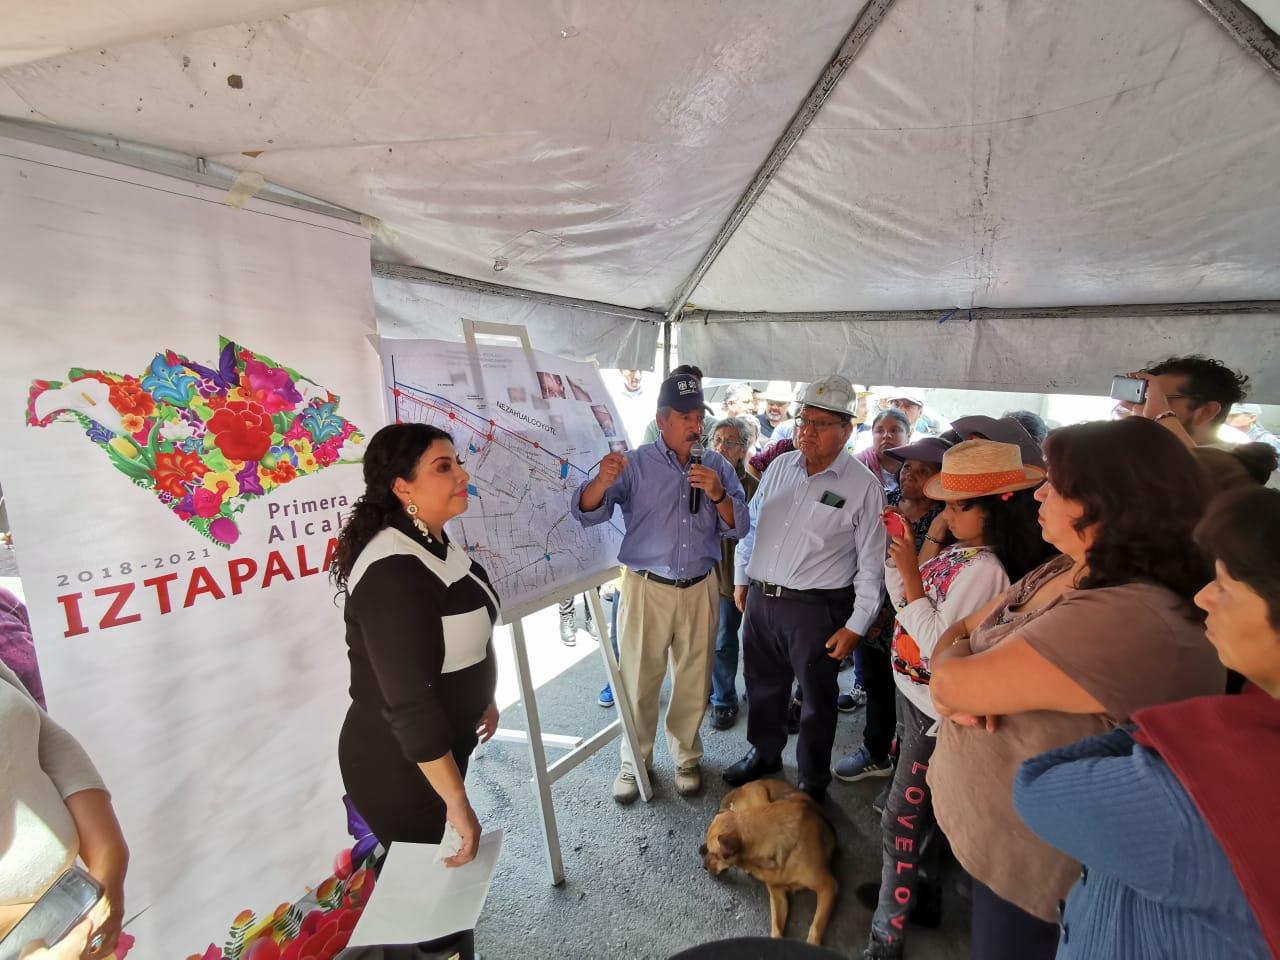 Se reúne la Alcaldesa de Iztapalapa con vecinos de Santa María Aztahuacán afectados por las fuertes lluvias del miércoles